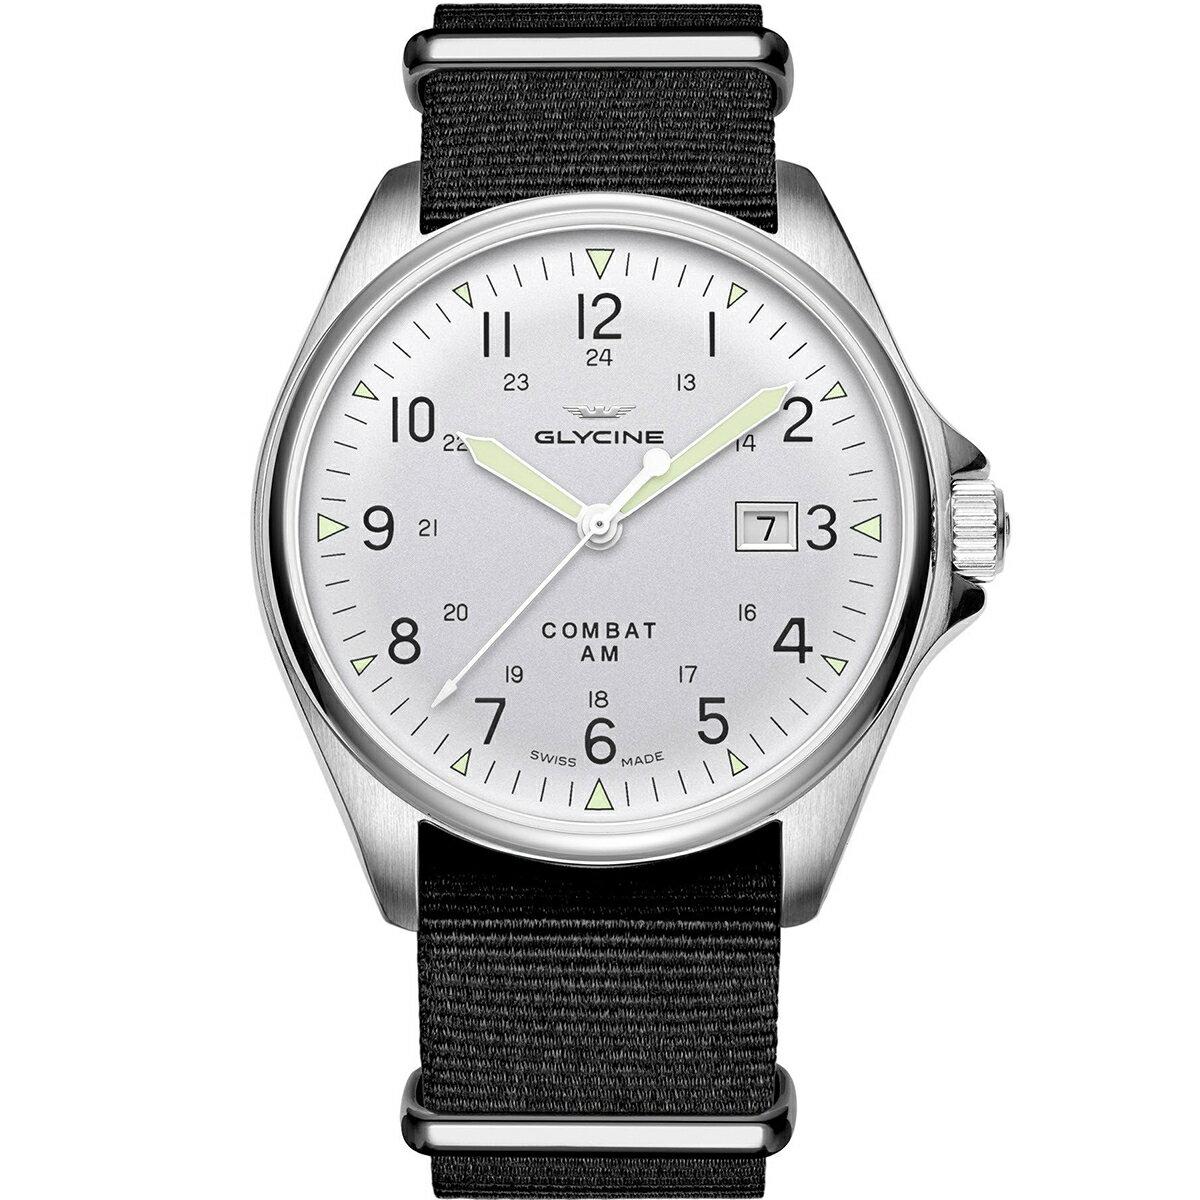 グライシン グリシン GLYCINE コンバット6 ヴィンテージ COMBAT 6 VINTAGE GL0124 メンズ 時計 腕時計 自動巻き オートマチック スイス製 スイスメイド パイロット